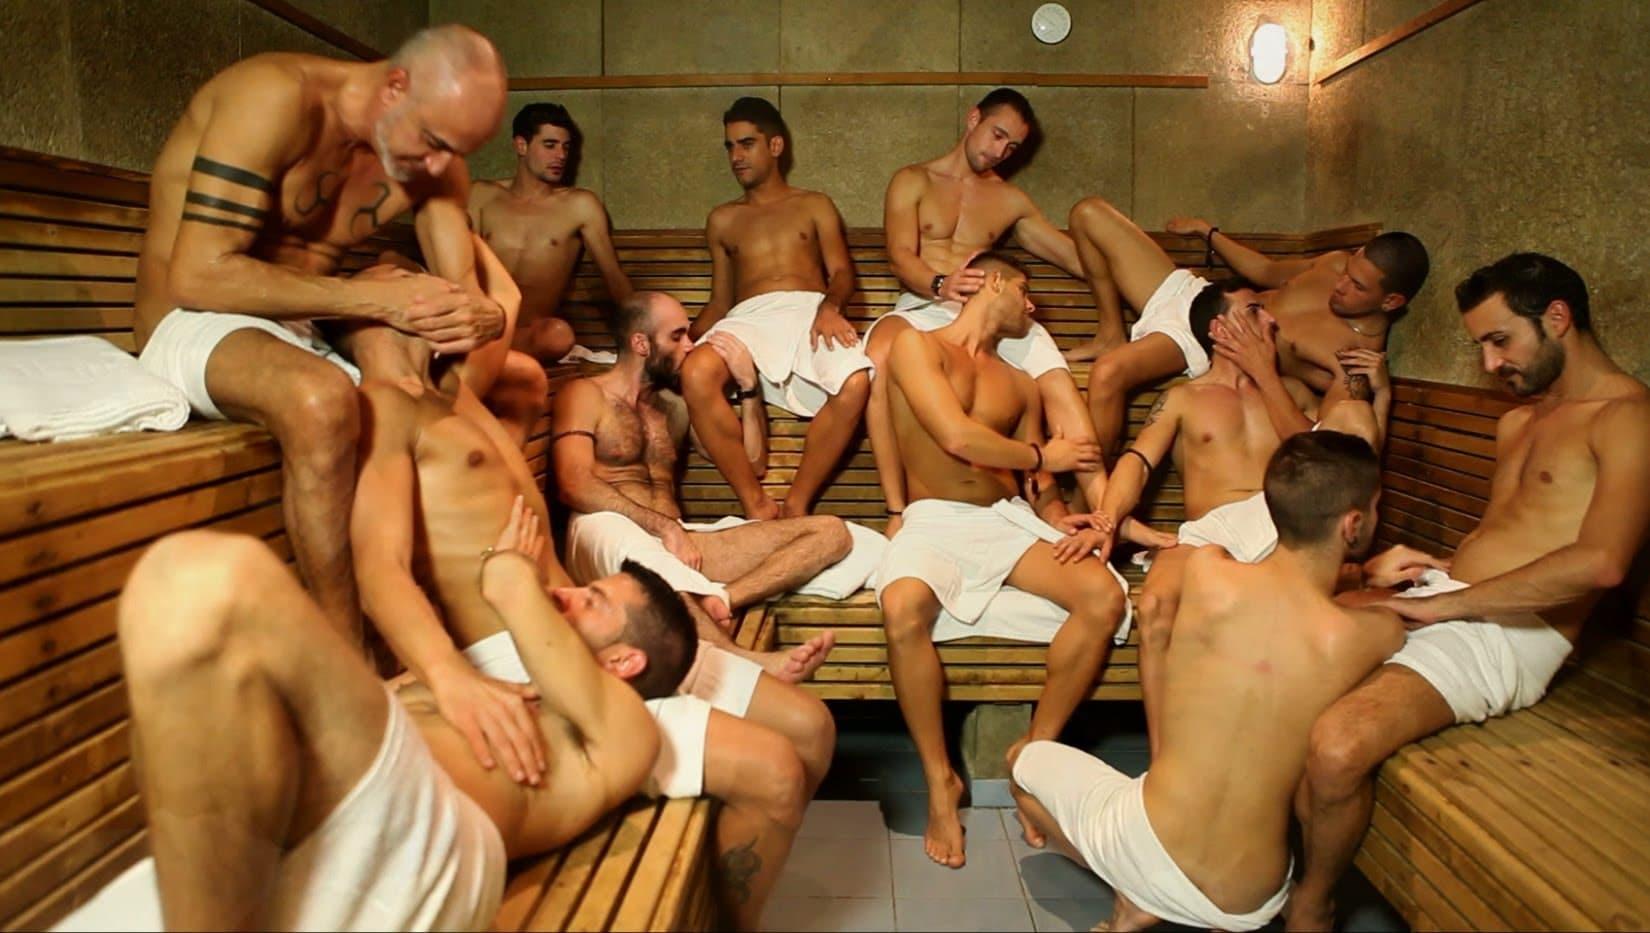 Русские девушки в сауне смотреть онлайн 13 фотография